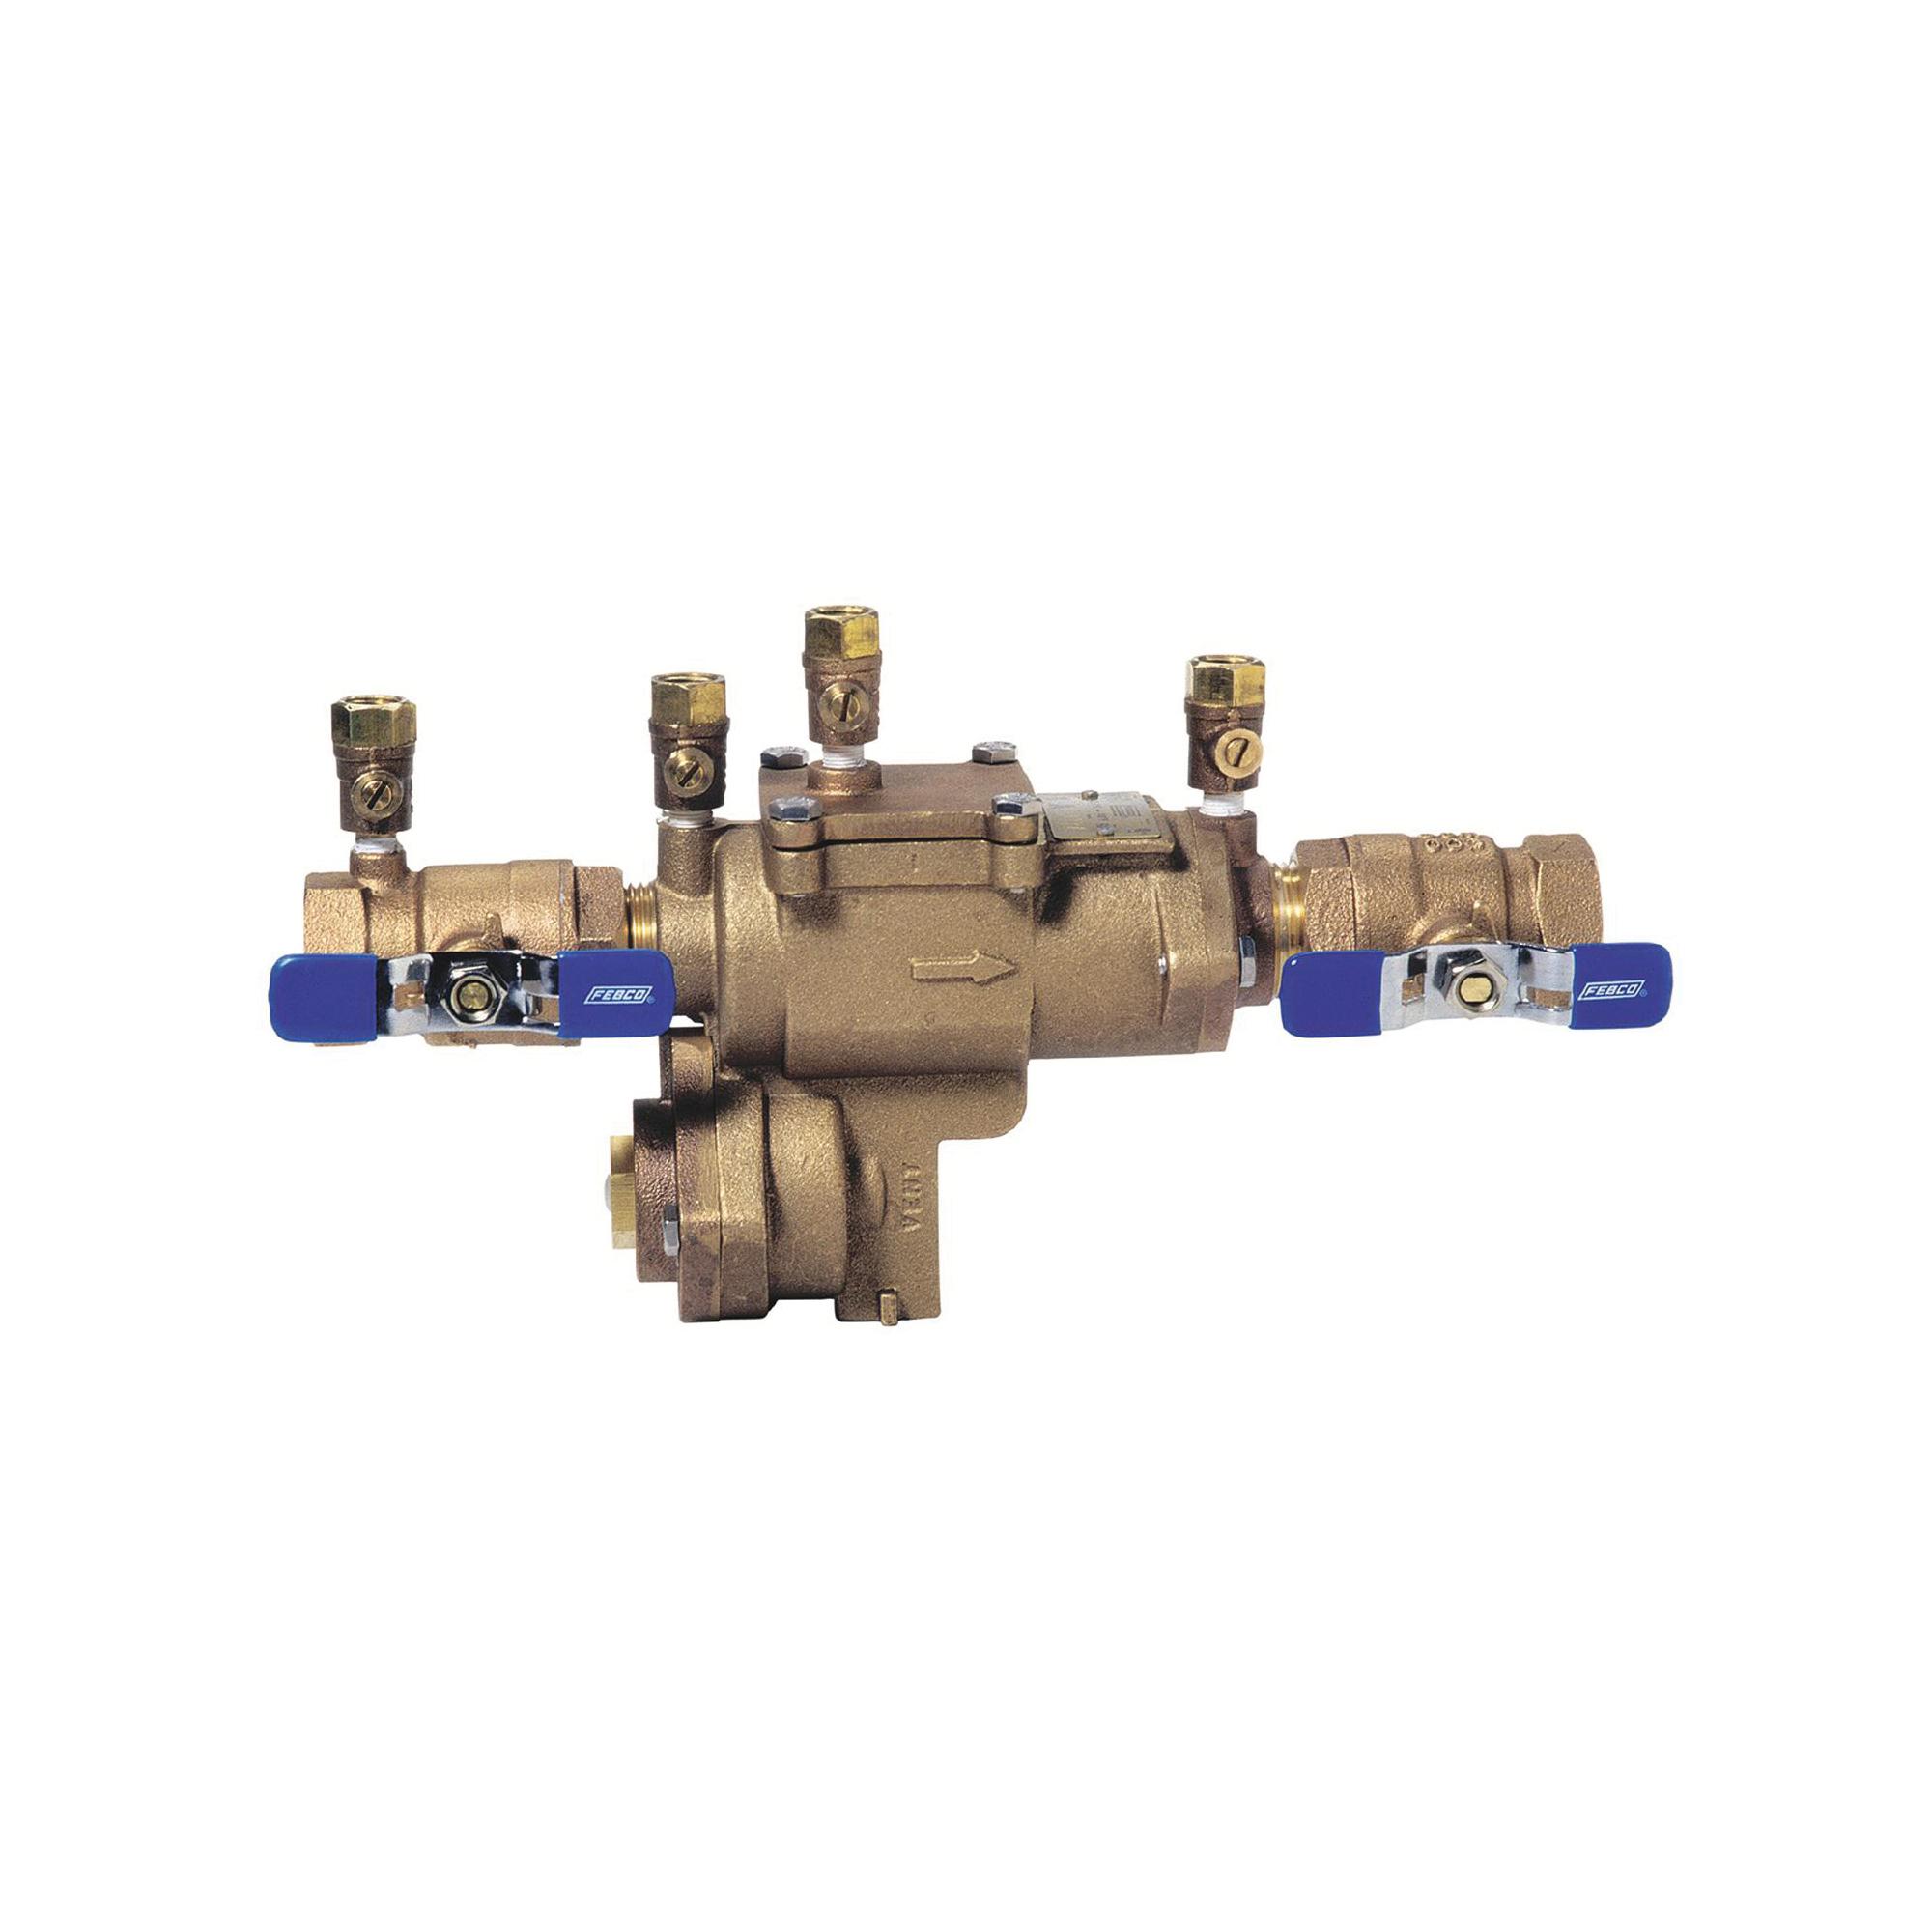 Febco® 0683004 LF860 Small Diameter Reduced Pressure Zone Assembly, 1-1/2 in, Thread, Quarter-Turn Ball Valve, Cast Copper Silicon Alloy Body